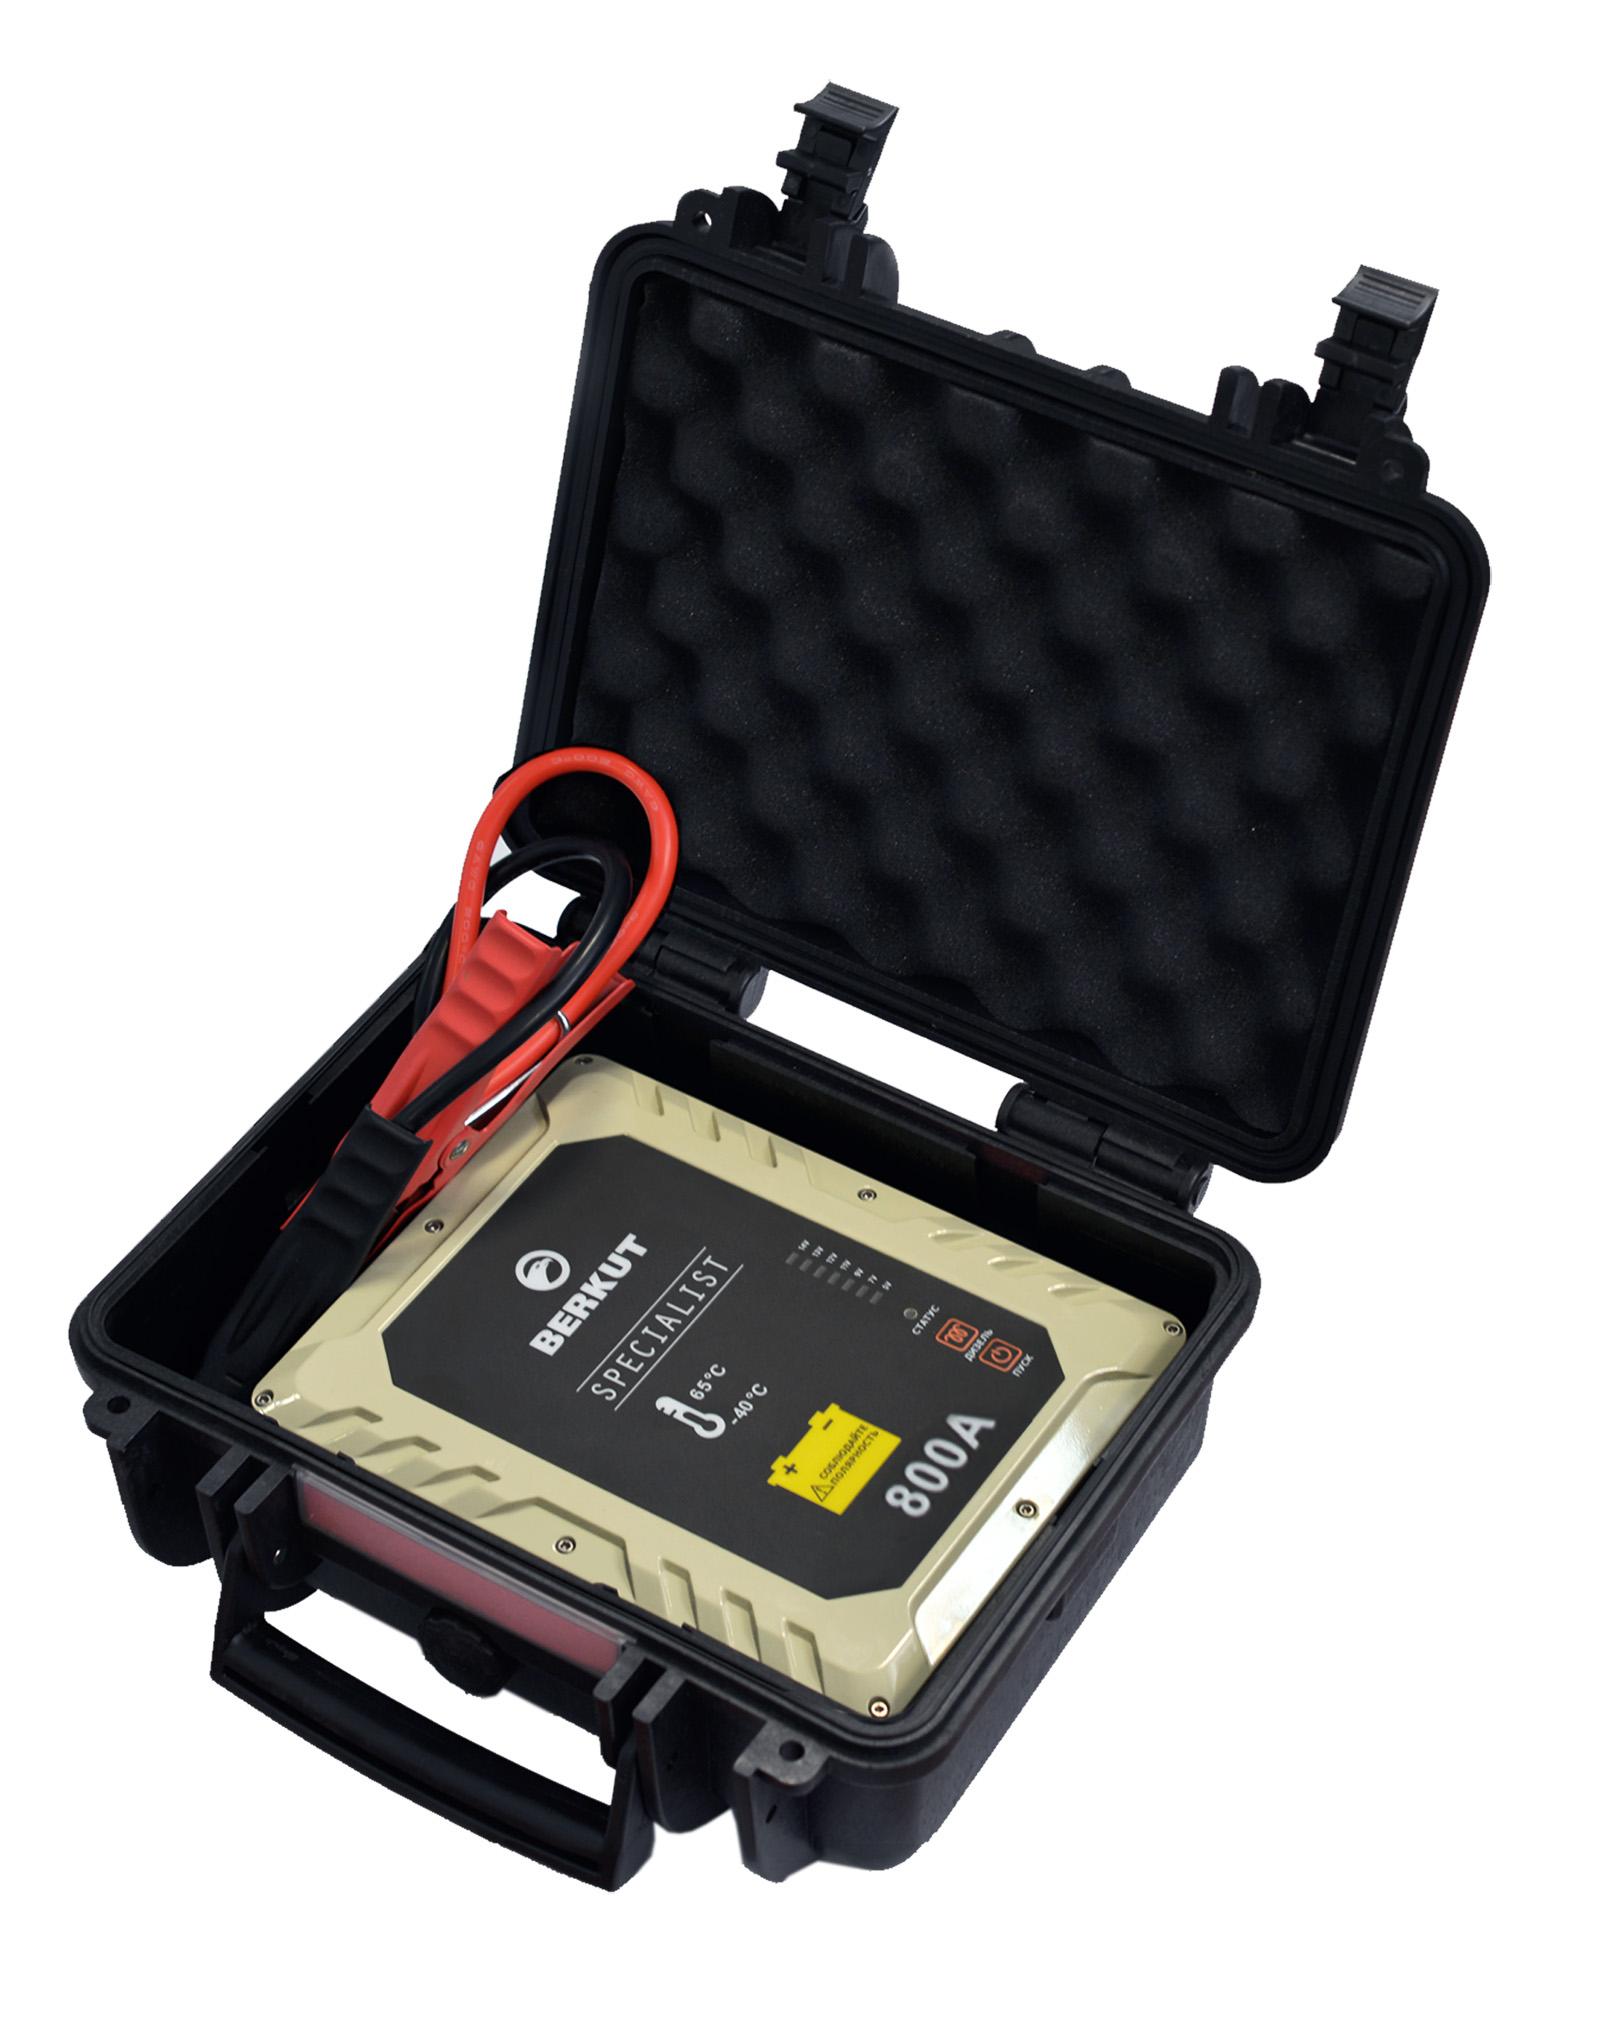 Пуско-зарядное устройство Berkut. JSC800СGL-220Это специальное пусковое автомобильное устройство конденсаторного типа предназначено для аварийного запуска двигателя транспортного средства в случае неисправной АКБ. Главным достоинством устройства, отличающим его от прочих аналогов, является отсутствие аккумуляторов. Вместо них применены электроконденсаторы сверхбольшой емкости (ионисторы). Применение конденсаторного накопителя заряда позволяет гарантированно запустить двигатель автомобиля как с основательно разряженной АКБ, причем даже в том случае, когда ее остаточная емкость составляет всего 5%, так и без аккумулятора с предварительной зарядкой от АКБ или розетки прикуривателя другого автомобиля, а также от зарядного устройства с разъемом микро USB. Пусковое устройство рекомендовано для любых типов транспортных средств с бензиновым двигателем до 6000 см.куб. и дизельным двигателем до 4000 см.куб и напряжением бортовой сети 12В. Технические характеристики:- Напряжение на клеммах: 12 В- Пусковой ток: 800 A- Тип конденсаторов: пусковые, импульсные- Время зарядки от АКБ: до 5 мин- Время зарядки от прикуривателя 12V: 15-20 мин- Время зарядки от Мини USB 5V: 2-3 часа- Количество попыток запуска при полной зарядке: не более одного пуска- Диапазон температур для запуска и хранения: -40 °C +65 °C- Вход Micro USB: 5В (2000 мА)- Вход для зарядки: 12В (10 А) Функциональные особенности:- Не требует подзарядки во время хранения- Готов к использованию вне зависимости от продолжительности хранения- Режим для запуска двигателя автомобиля без аккумулятора- Специальный режим запуска дизеля с предварительным прогревом свечей- Встроенный вольтметр для определения напряжение аккумулятора автомобиля- Отсутствие падение емкости заряда с понижением температур- Нет снижения емкости заряда связанные со старением устройства- Защита от переполюсовки (неправильной полярности)- Защита от короткого замыкания- Цикл заряд/разряд до 10 000 раз- Срок годности - более 10 лет